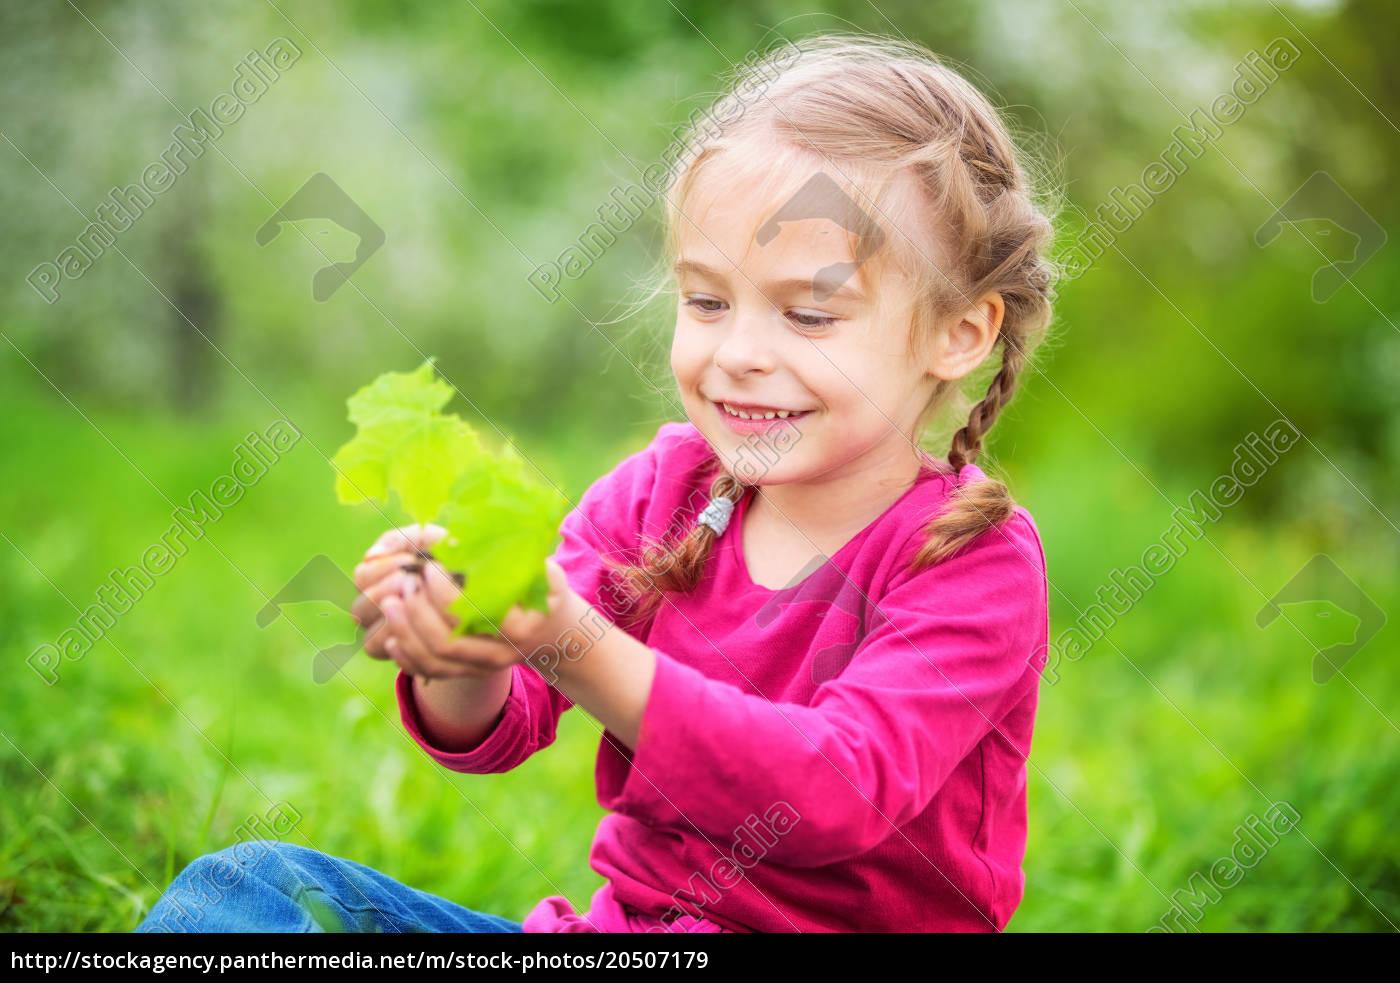 little, girl, holding, little, green, plant - 20507179